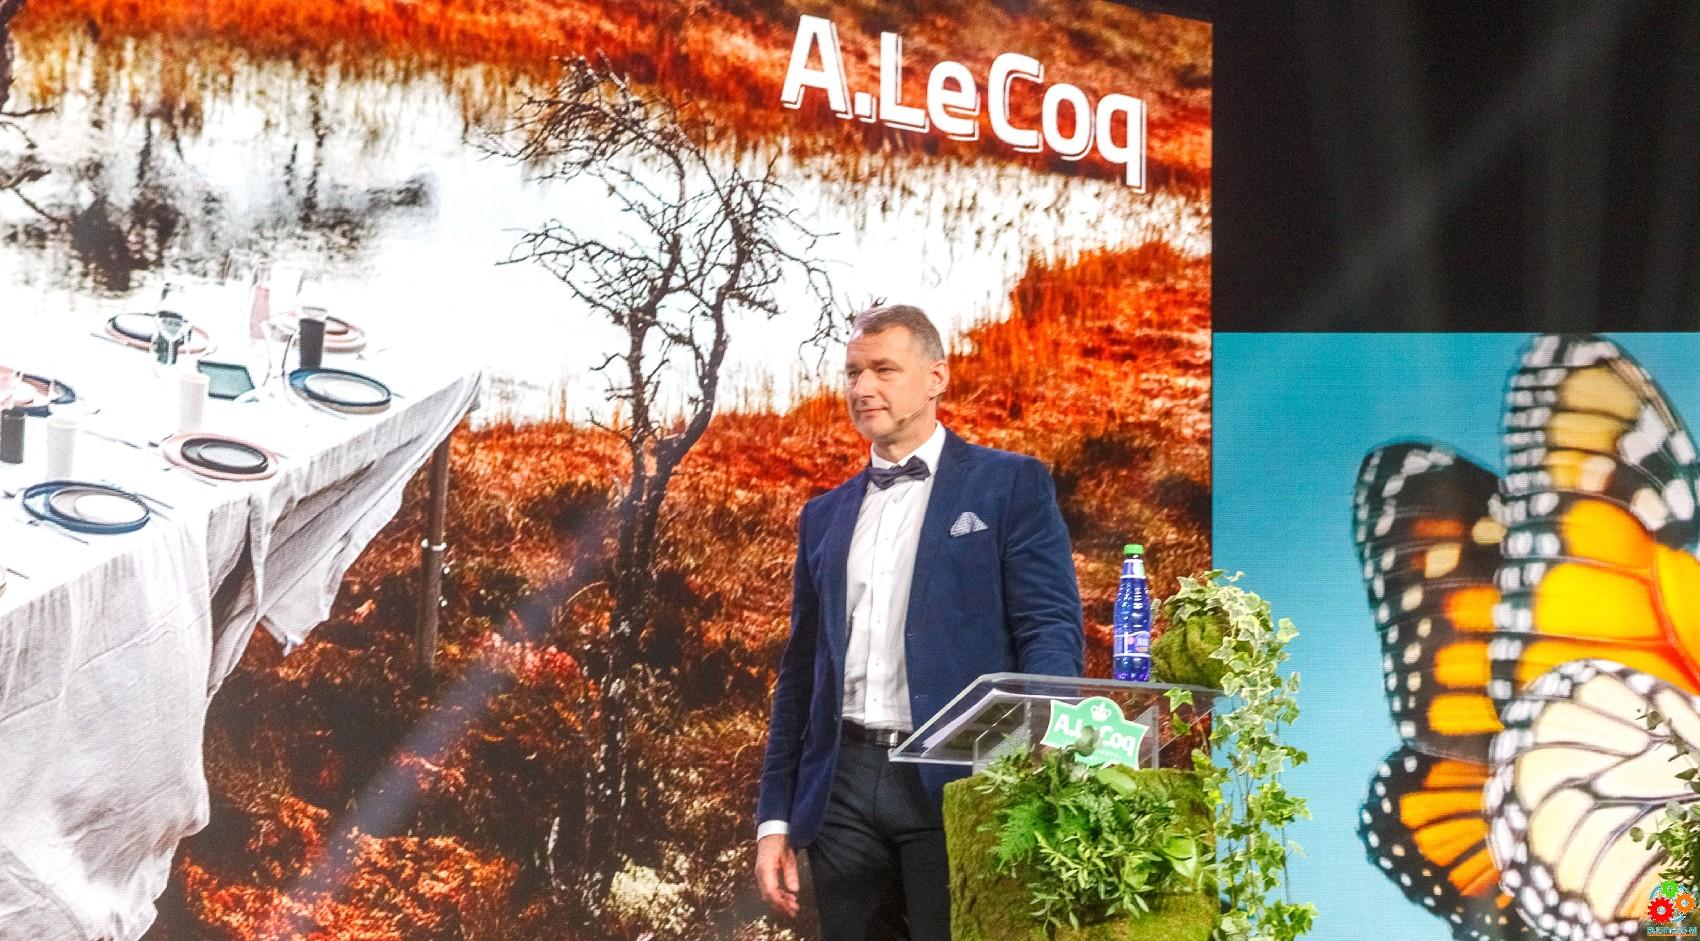 Зеленый поворот на A. Le Coq: более 5 млн евро в защиту окружающей среды